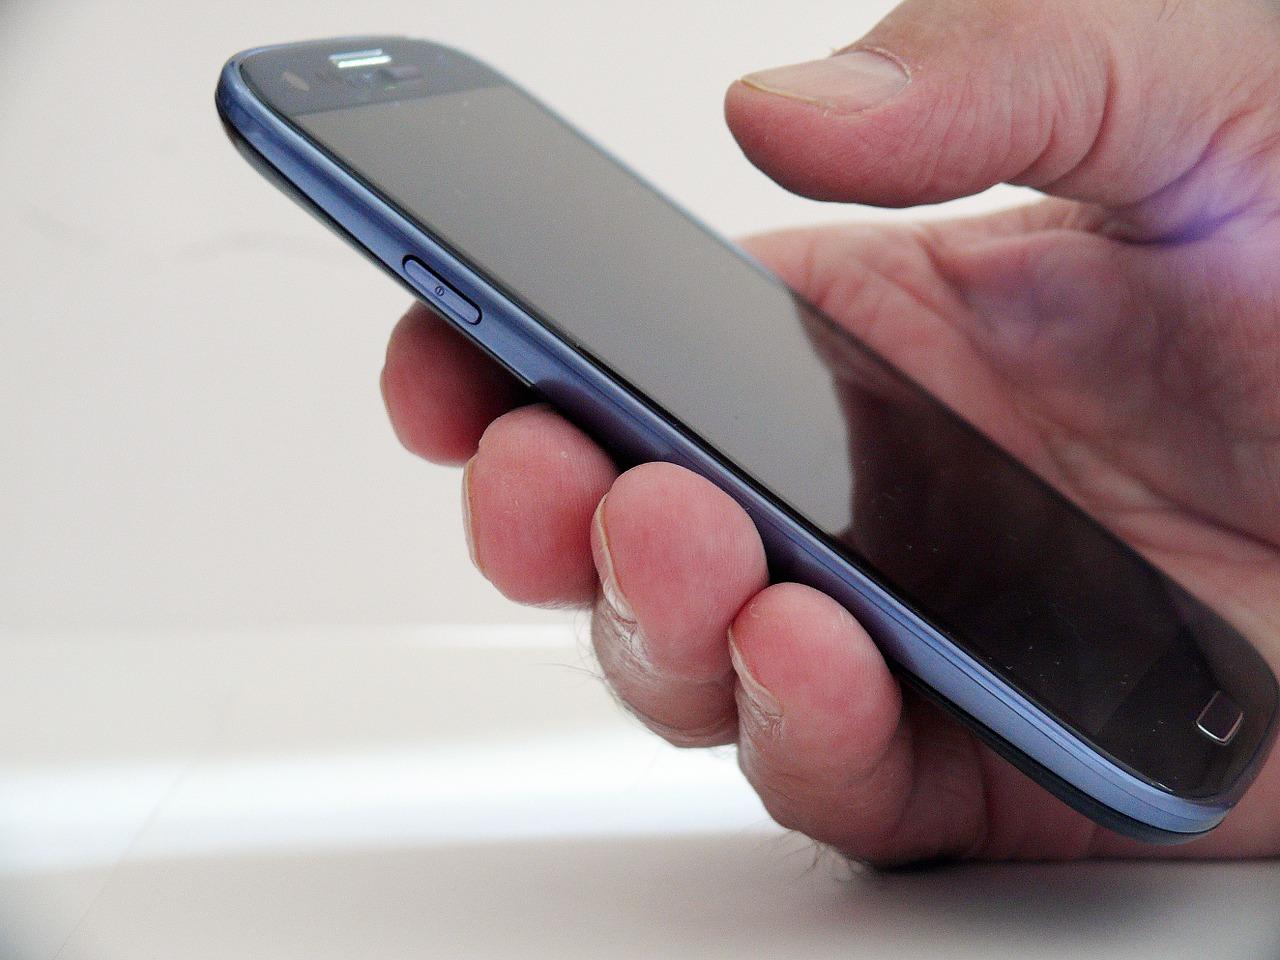 Vergleich: Seniorenhandy oder Smartphone für Senioren